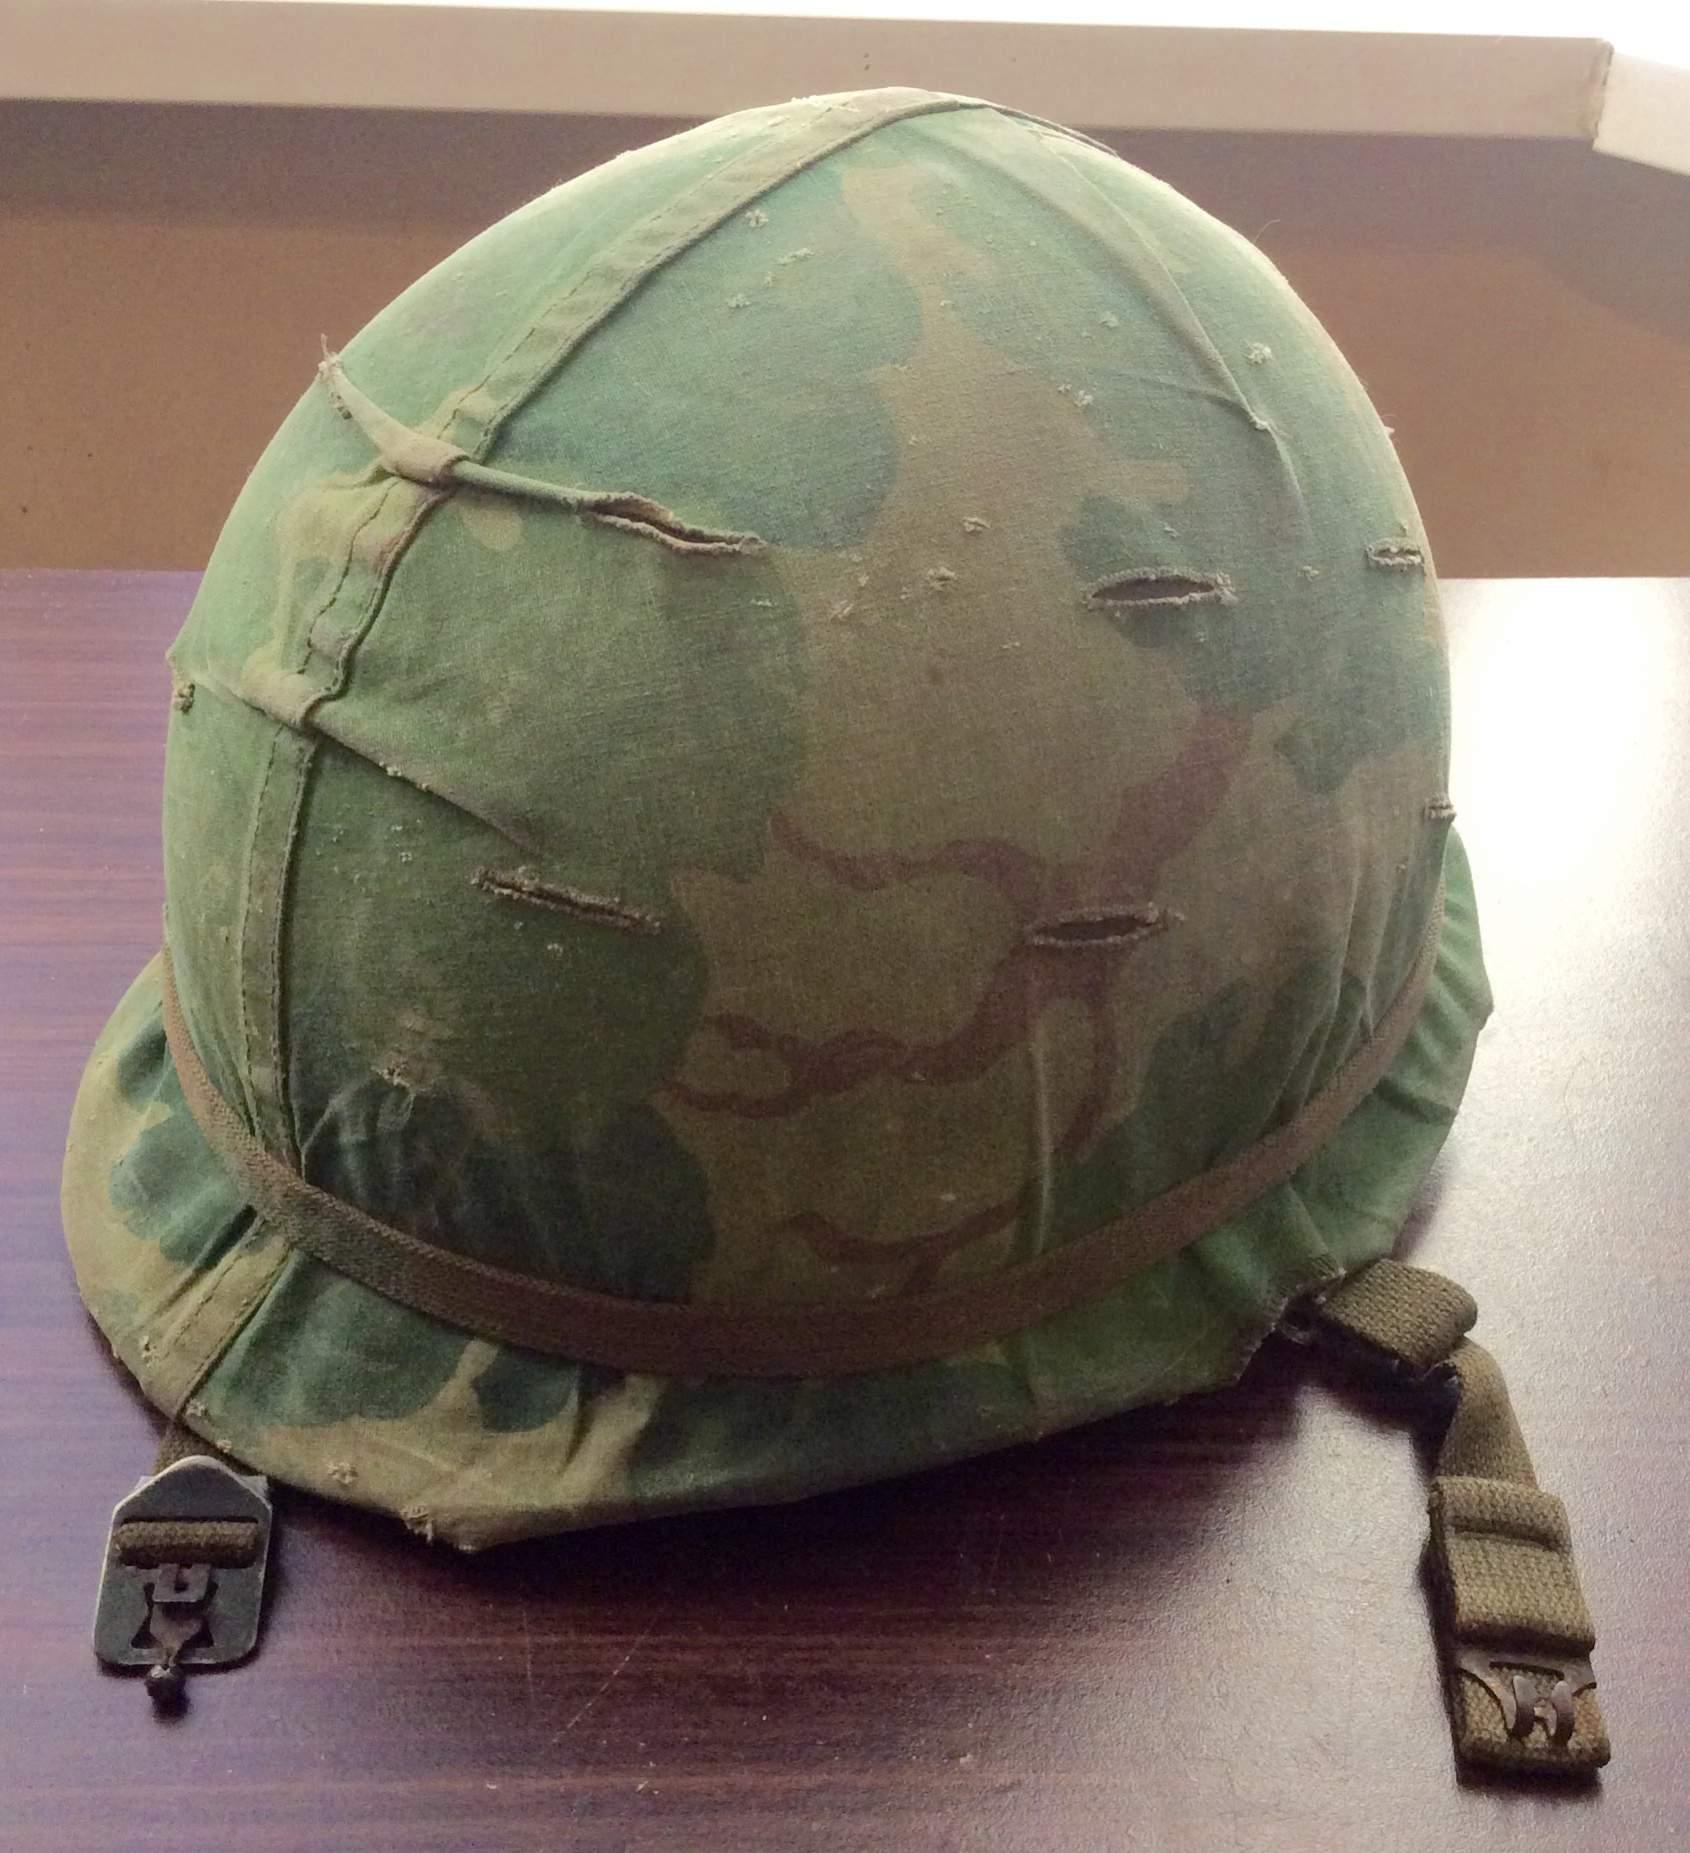 m1c vietnam era helmet